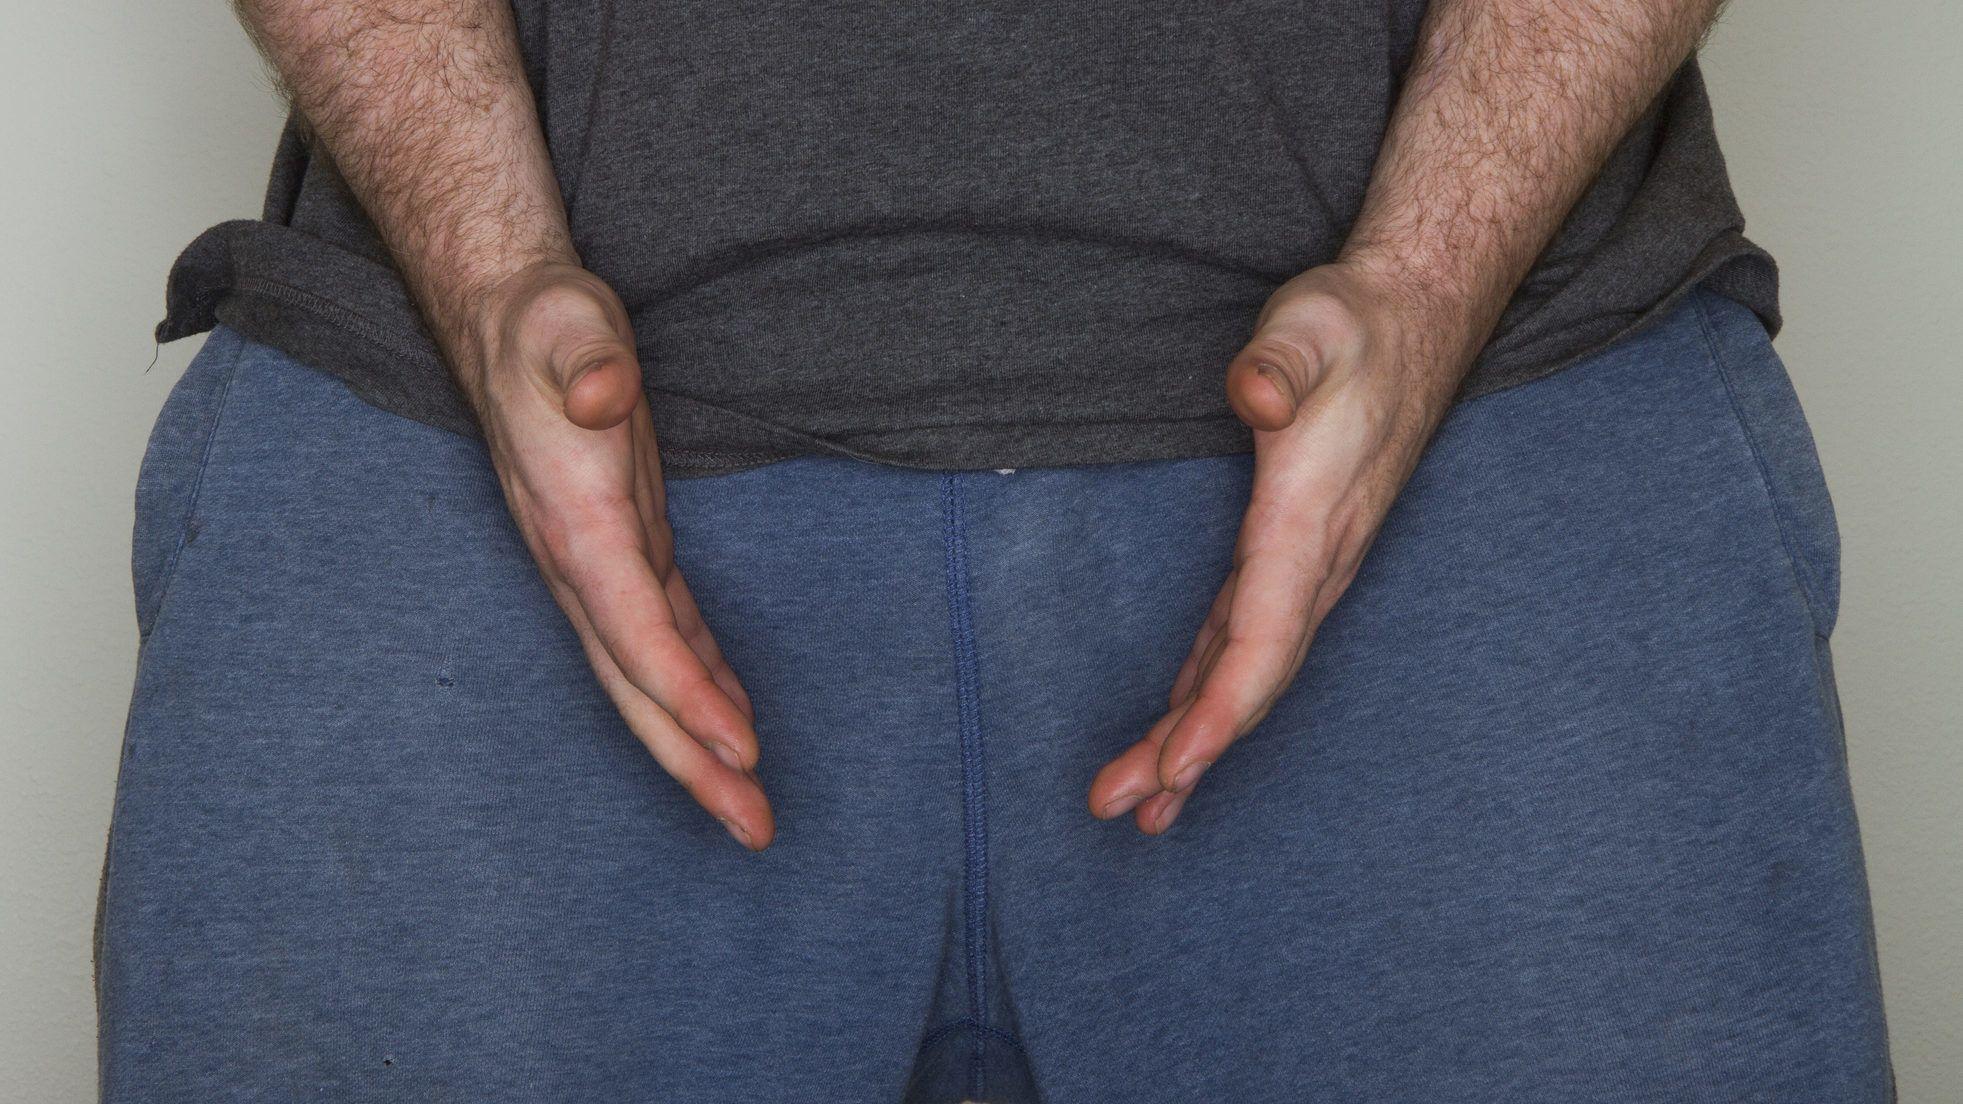 az erekció javítása a gyógynövényes férfiaknál